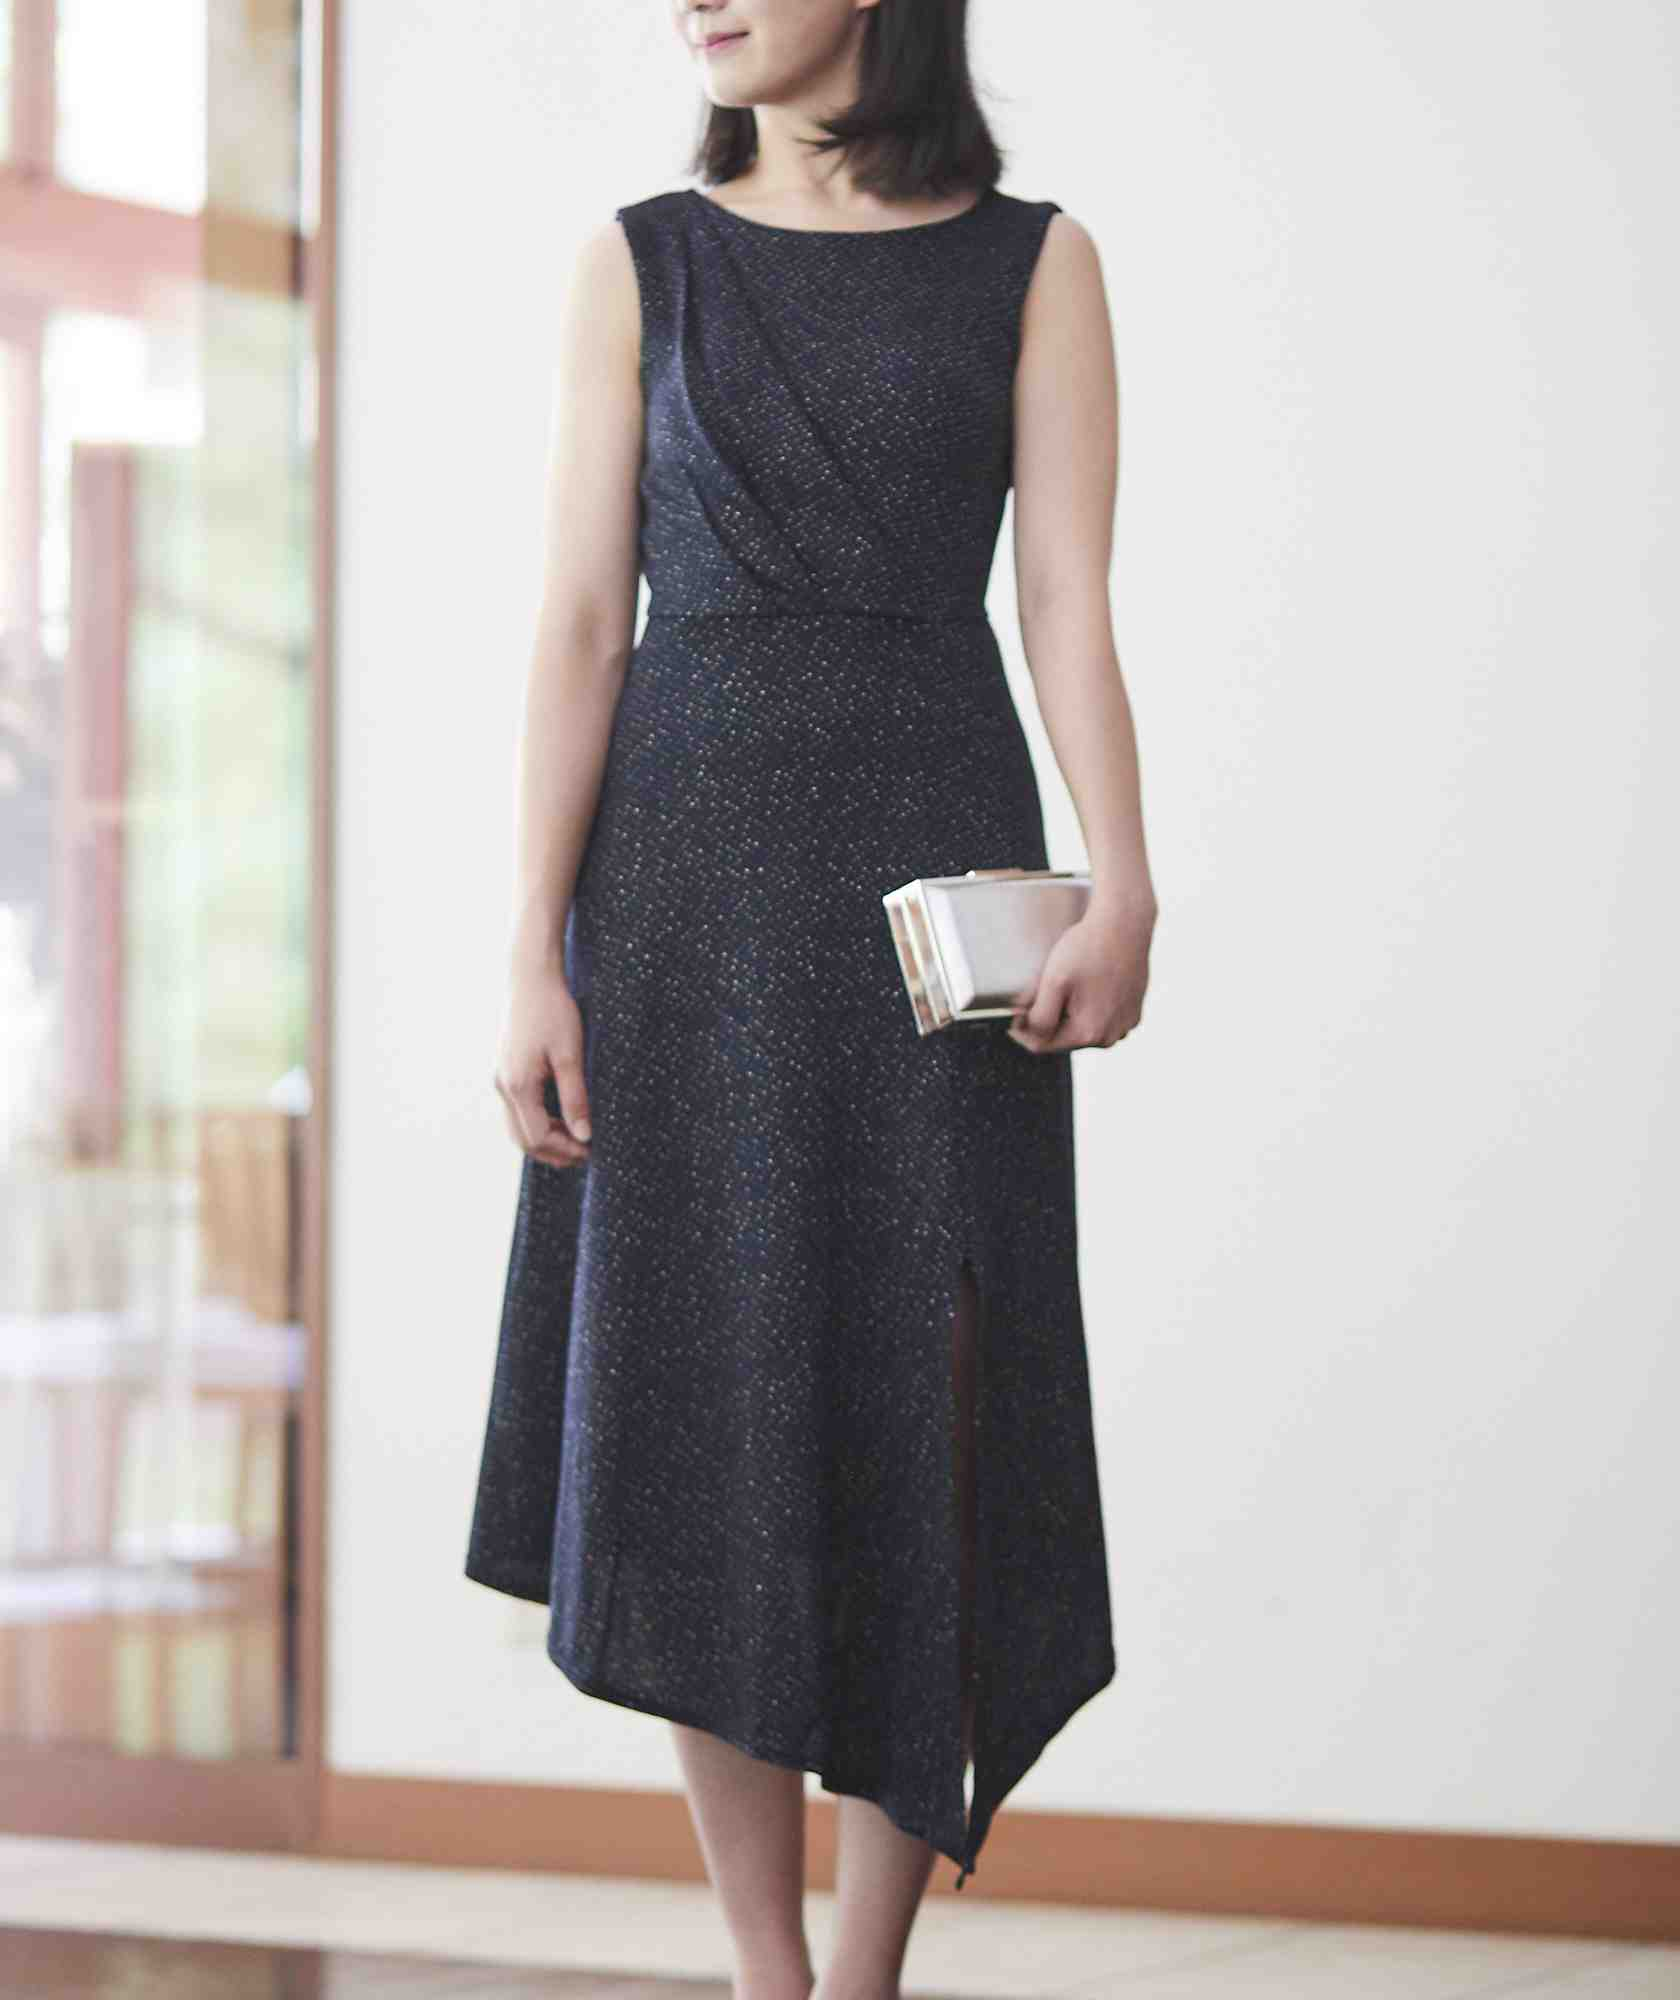 ゴールドラメアシンメトリーミディアムドレス-ブラック-M-L